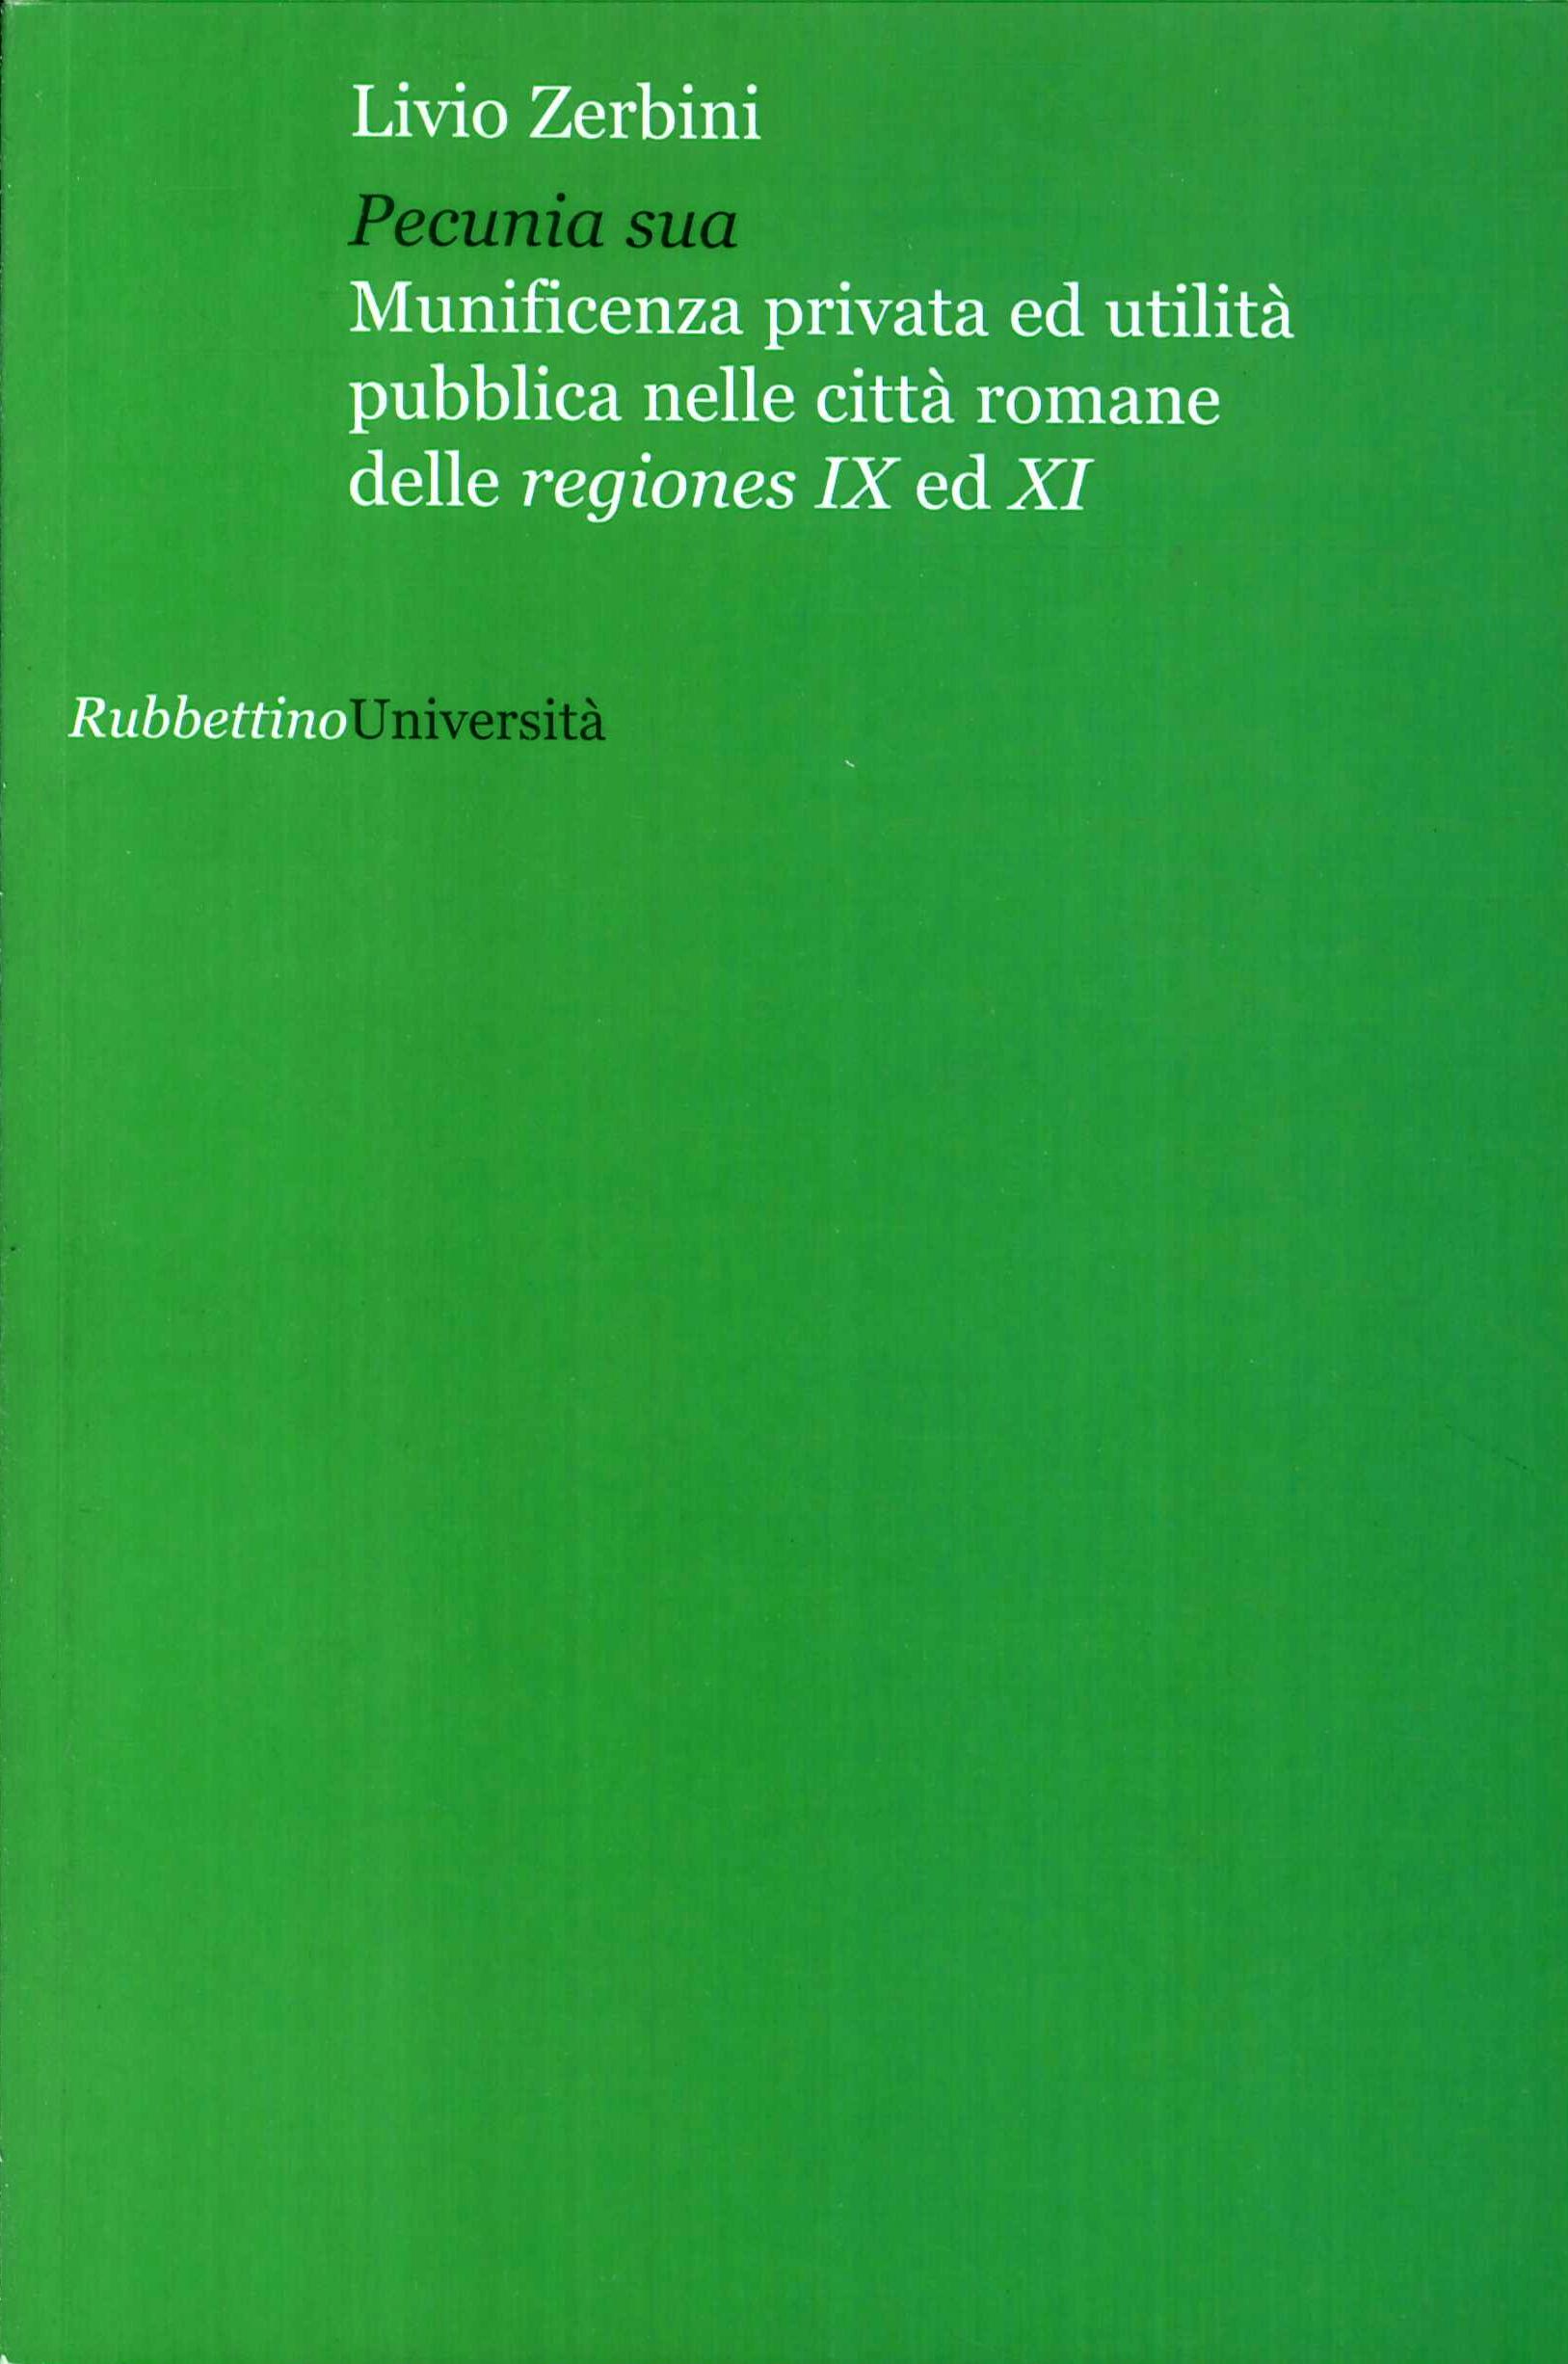 Pecunia sua. Munificenza privata ed utlità pubblica nelle città romane delle regiones IX ed XI